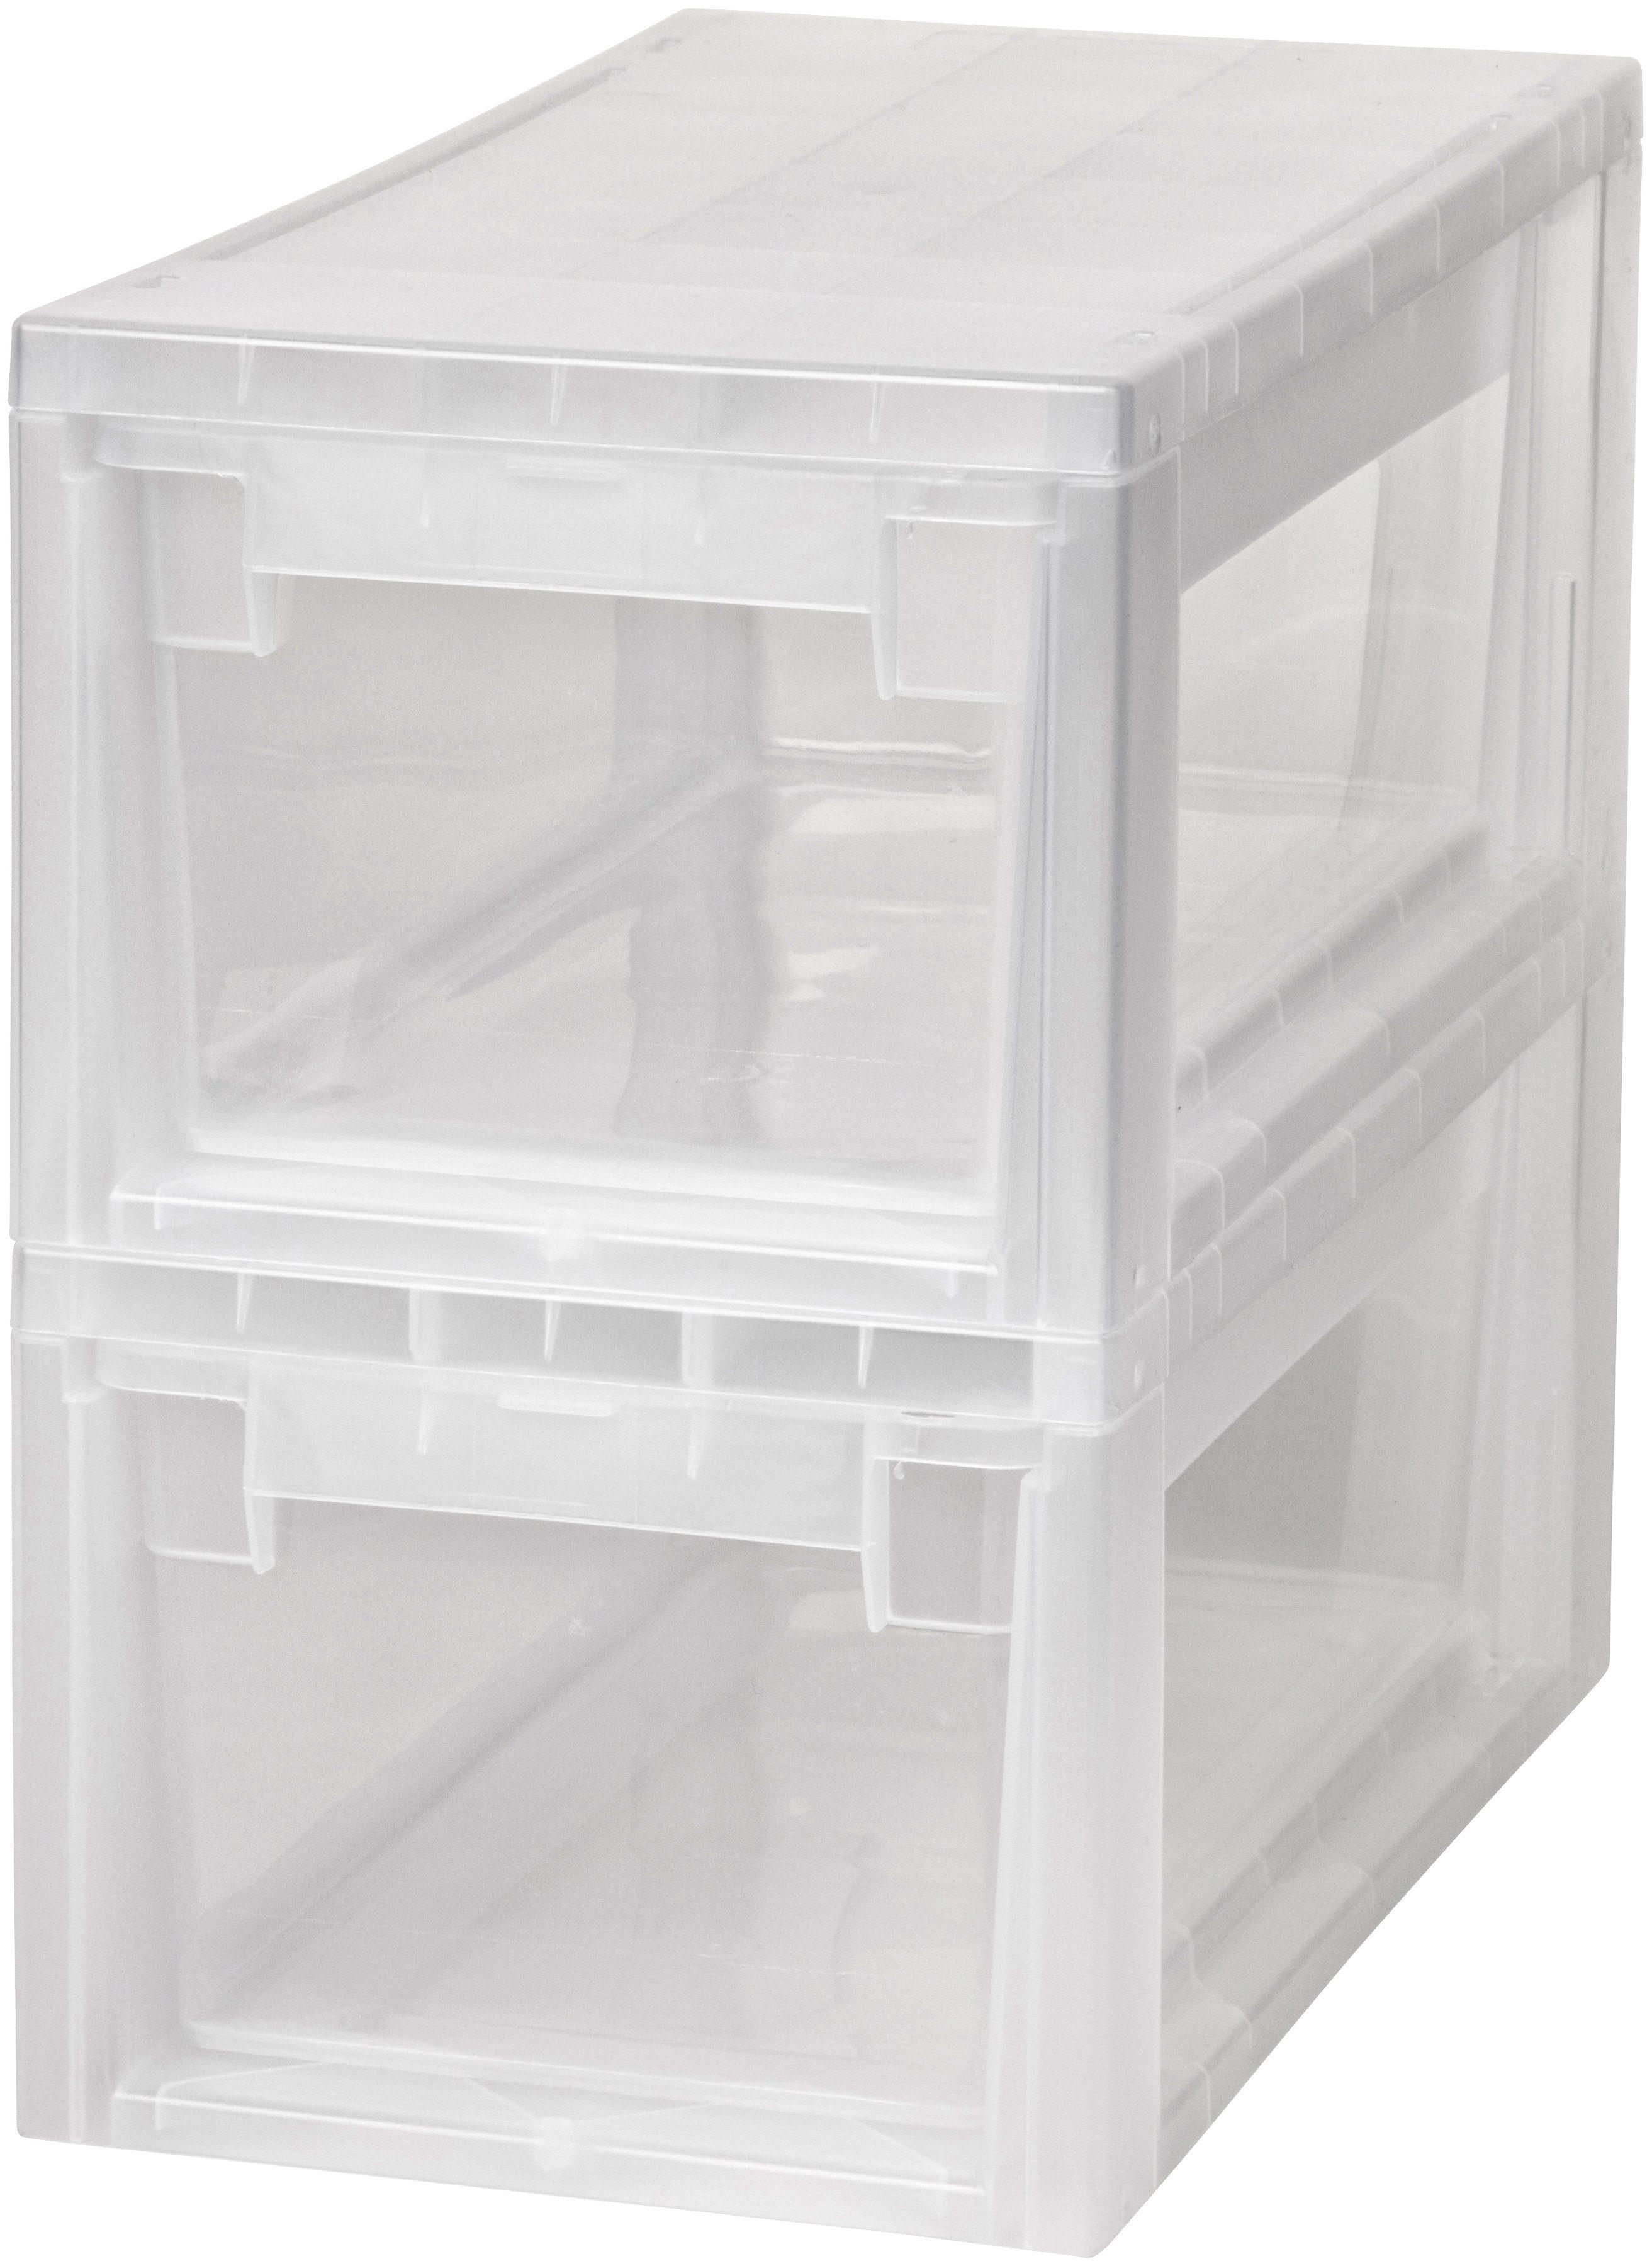 KREHER Aufbewahrungsbox »2x 7 Liter, mit Schubladen« 2er Set